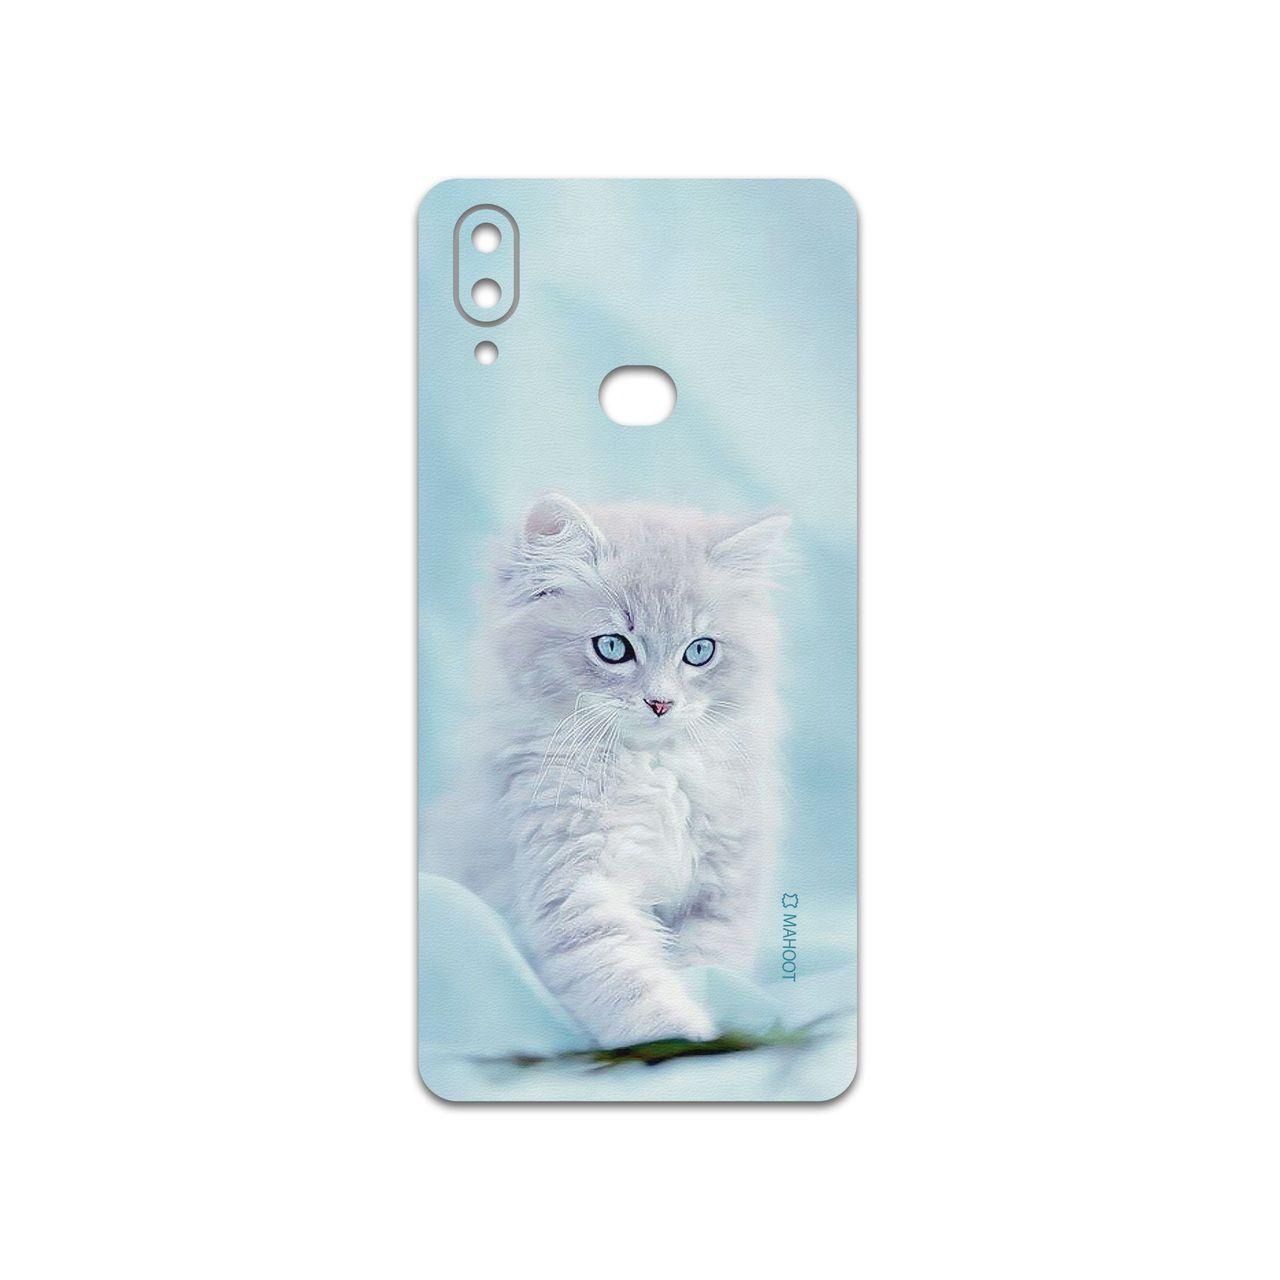 برچسب پوششی ماهوت مدل Cat-1 مناسب برای گوشی موبایل سامسونگ Galaxy A10s